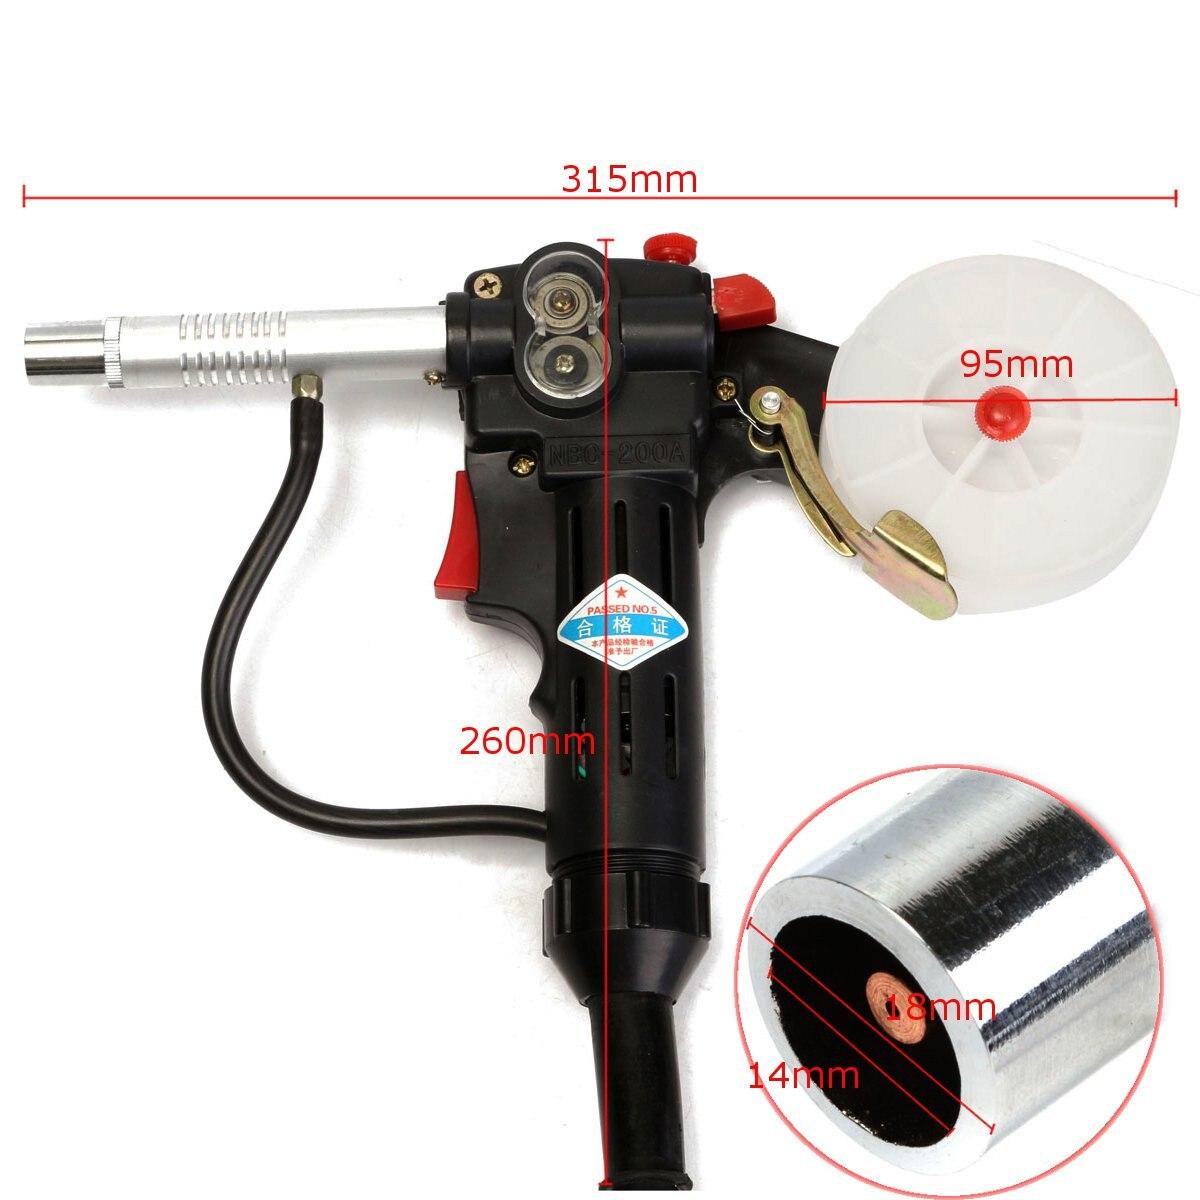 Aluminium Schweißer Pistolen Weld Teile Spule Pistolen Schutzgas Schweißen mit 7Pin Stecker Push-Pull Taschenlampe Schweißen Ausrüstung